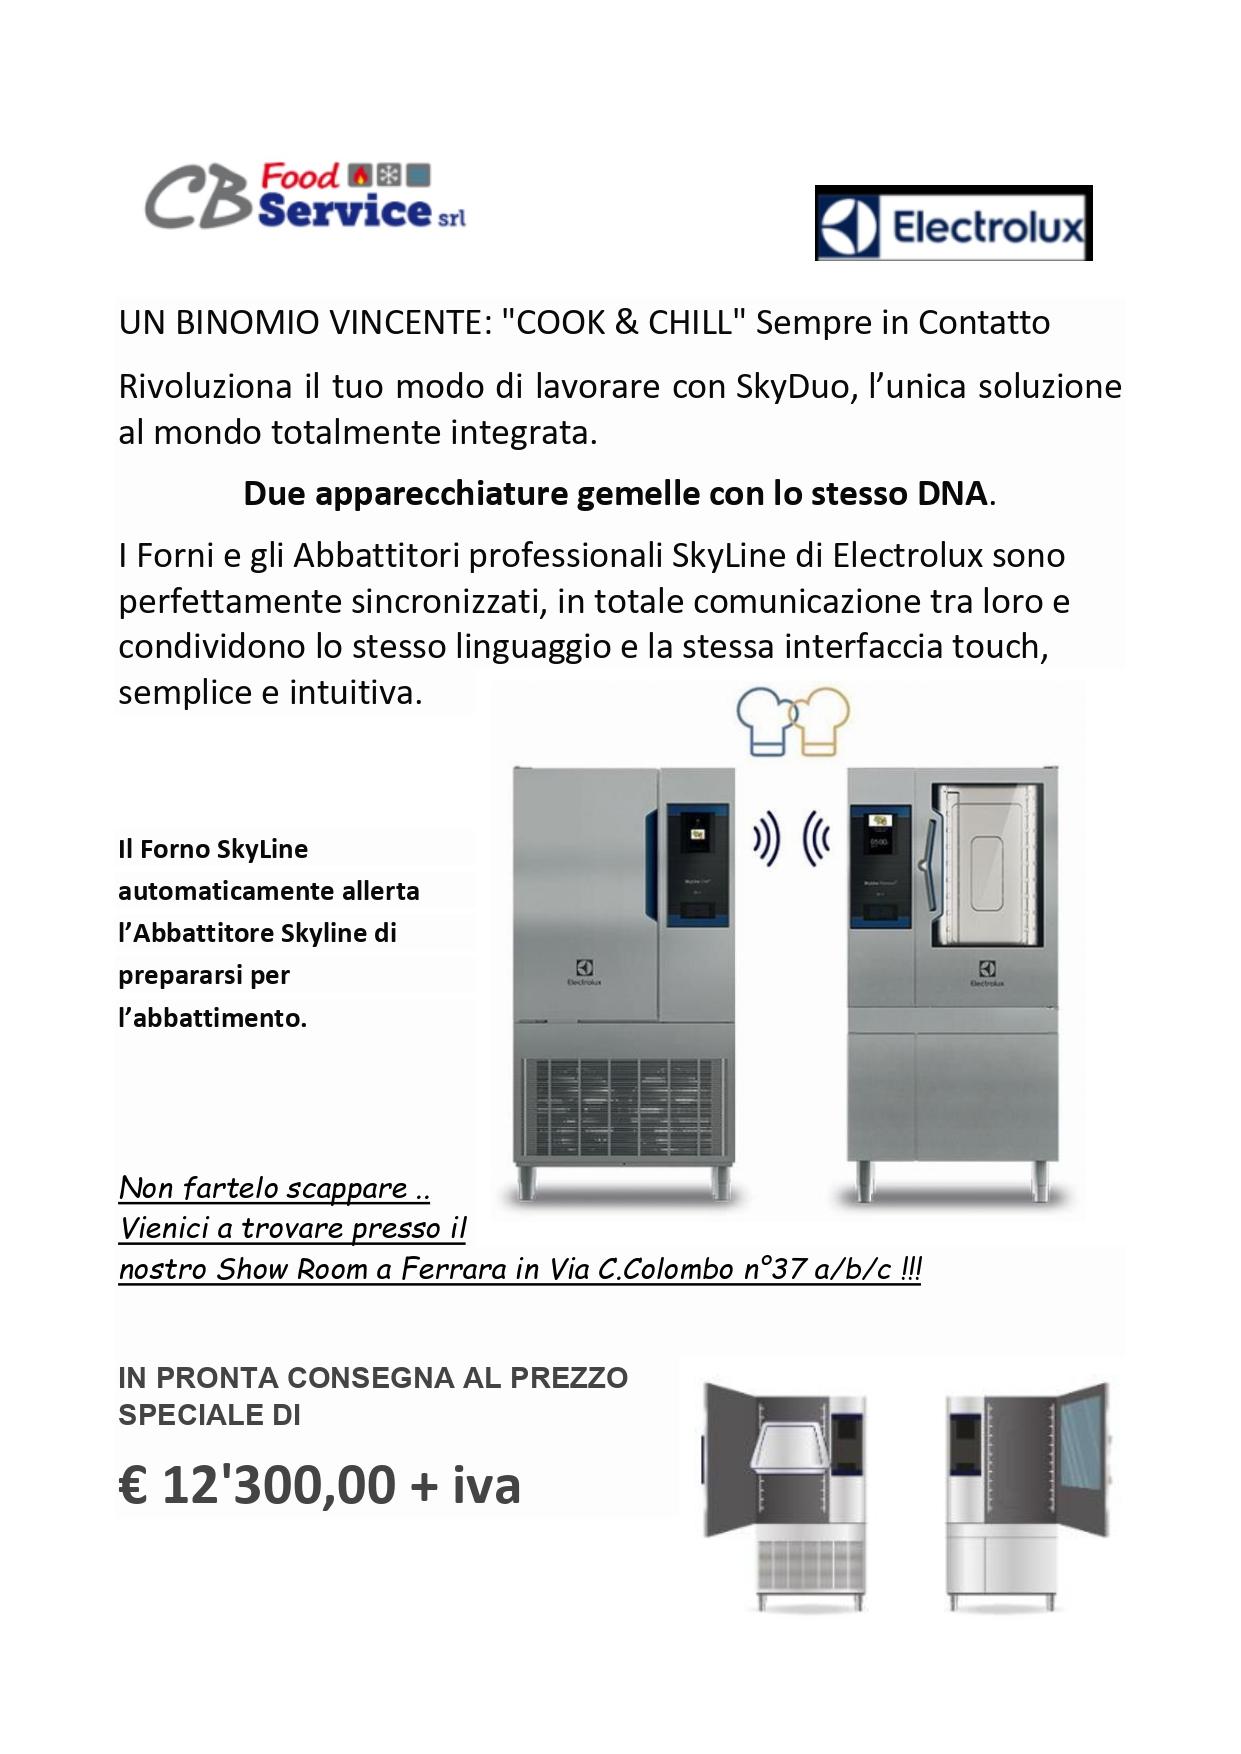 Super Occasione Electrolux: Forno+Abbattitore Skyline